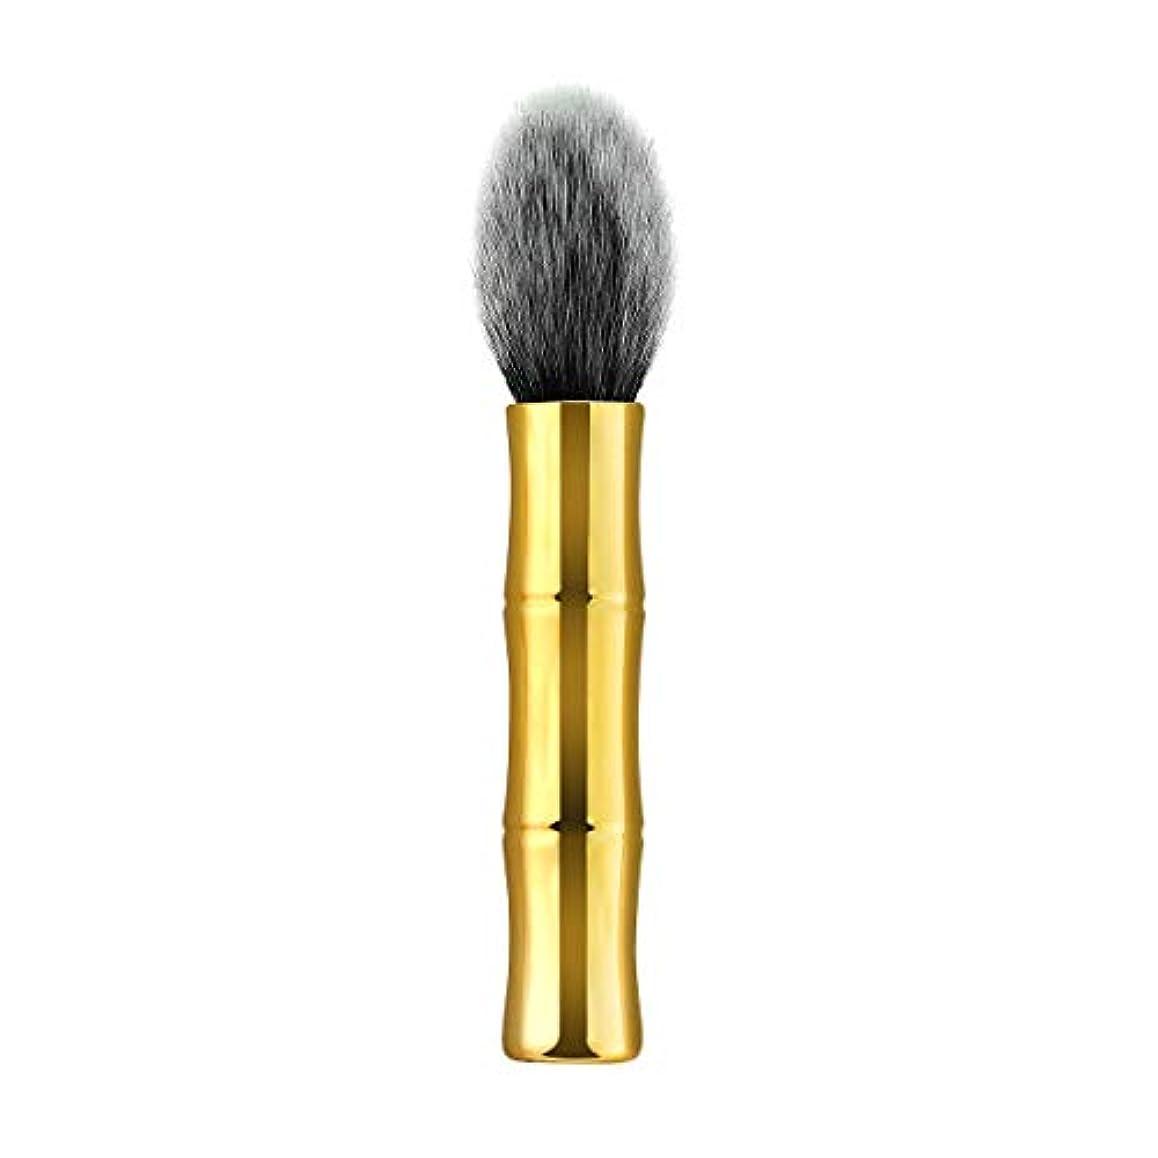 危険傷つきやすいグラスLurrose 女性のためのソフトナイロン剛毛化粧ブラシ化粧品パウダーブラッシュブラシ(TM-104)を処理します。